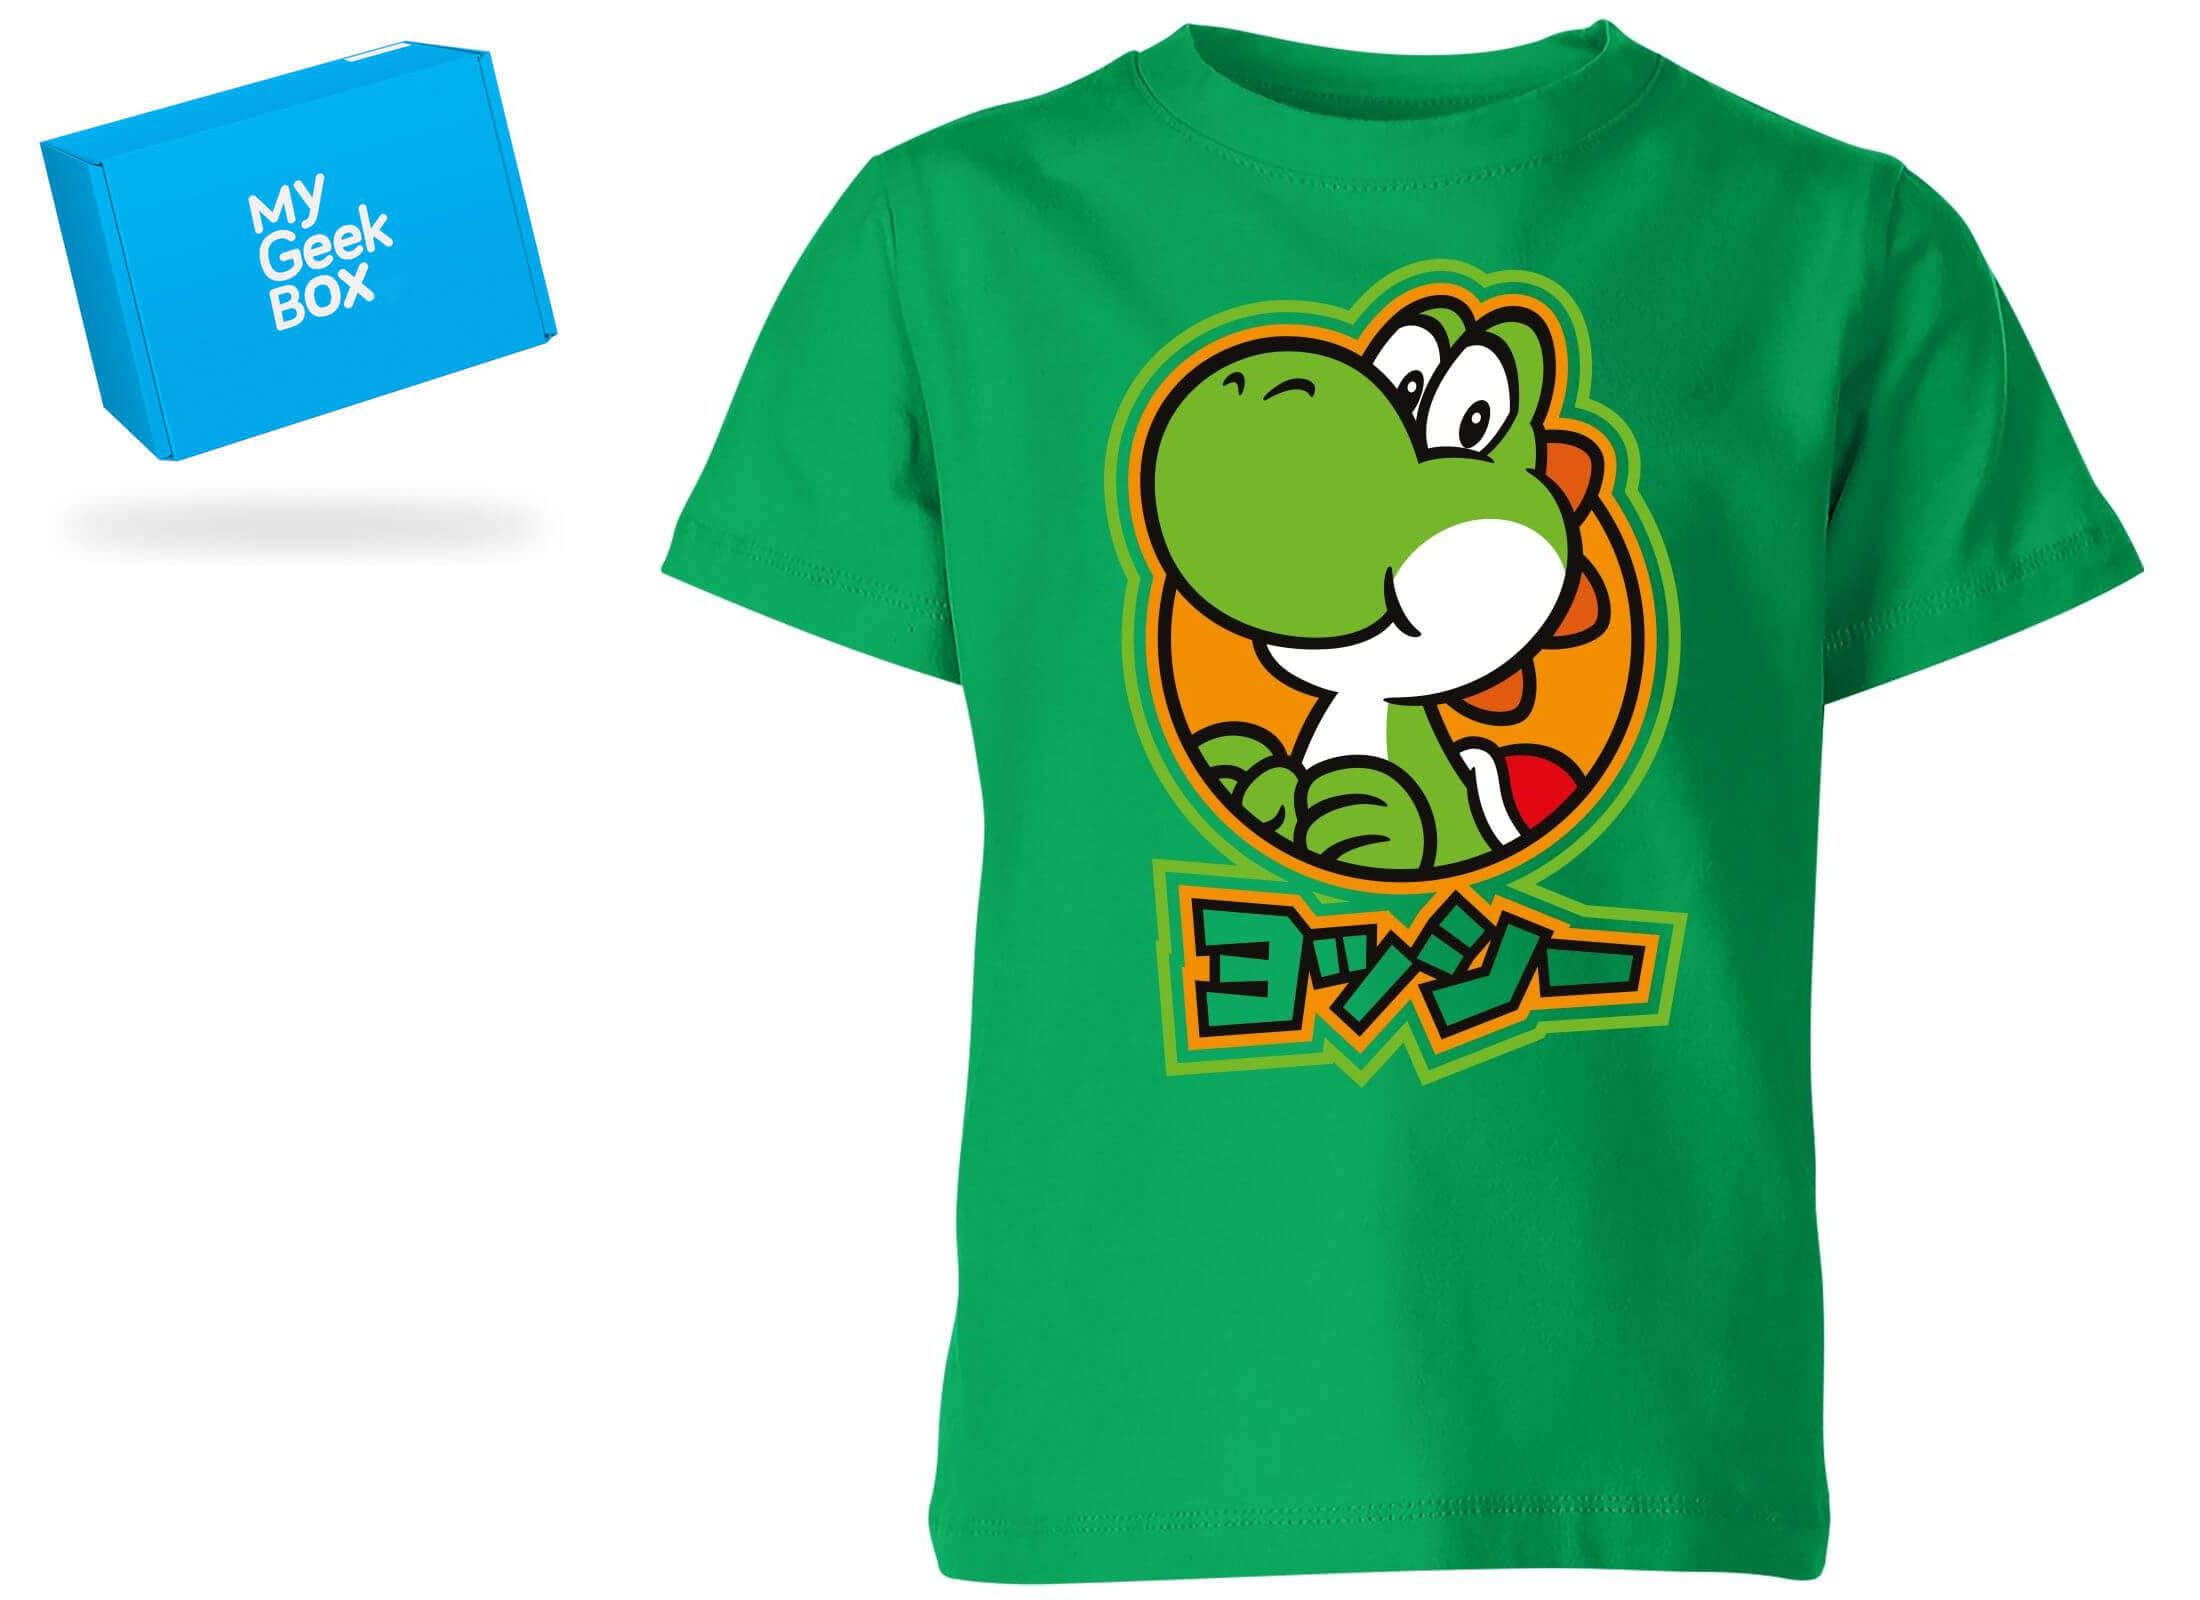 T-Shirt (viele versch. Franchises & Motive) + Mystery Geek Box (Wert ca. 20€)